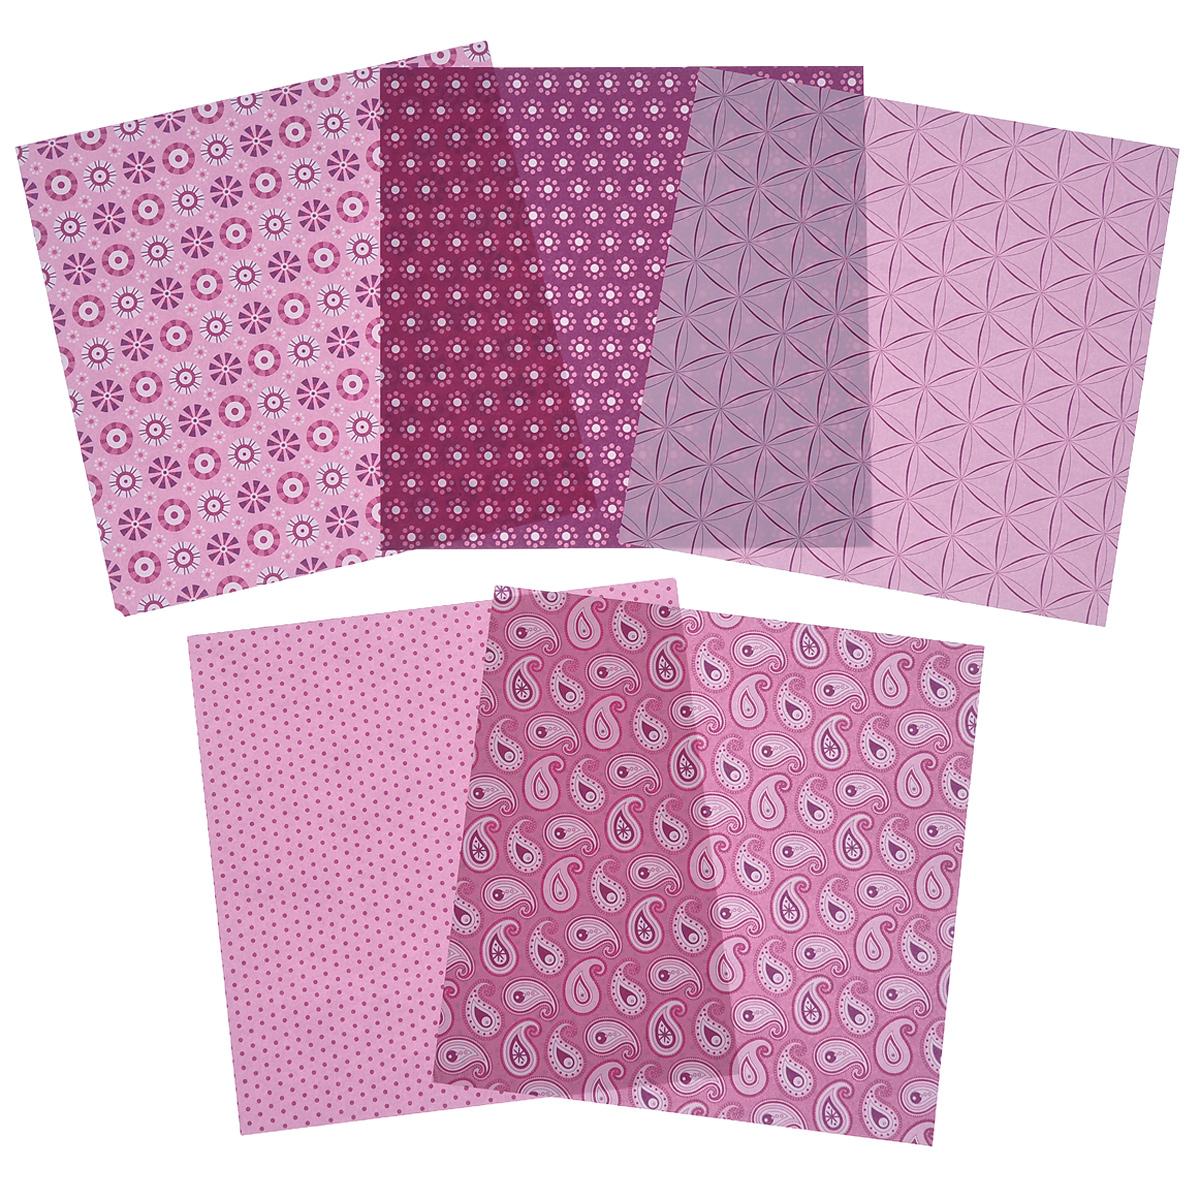 Бумага для оригами Folia, цвет: розовый, 15 х 15 см, 50 листов